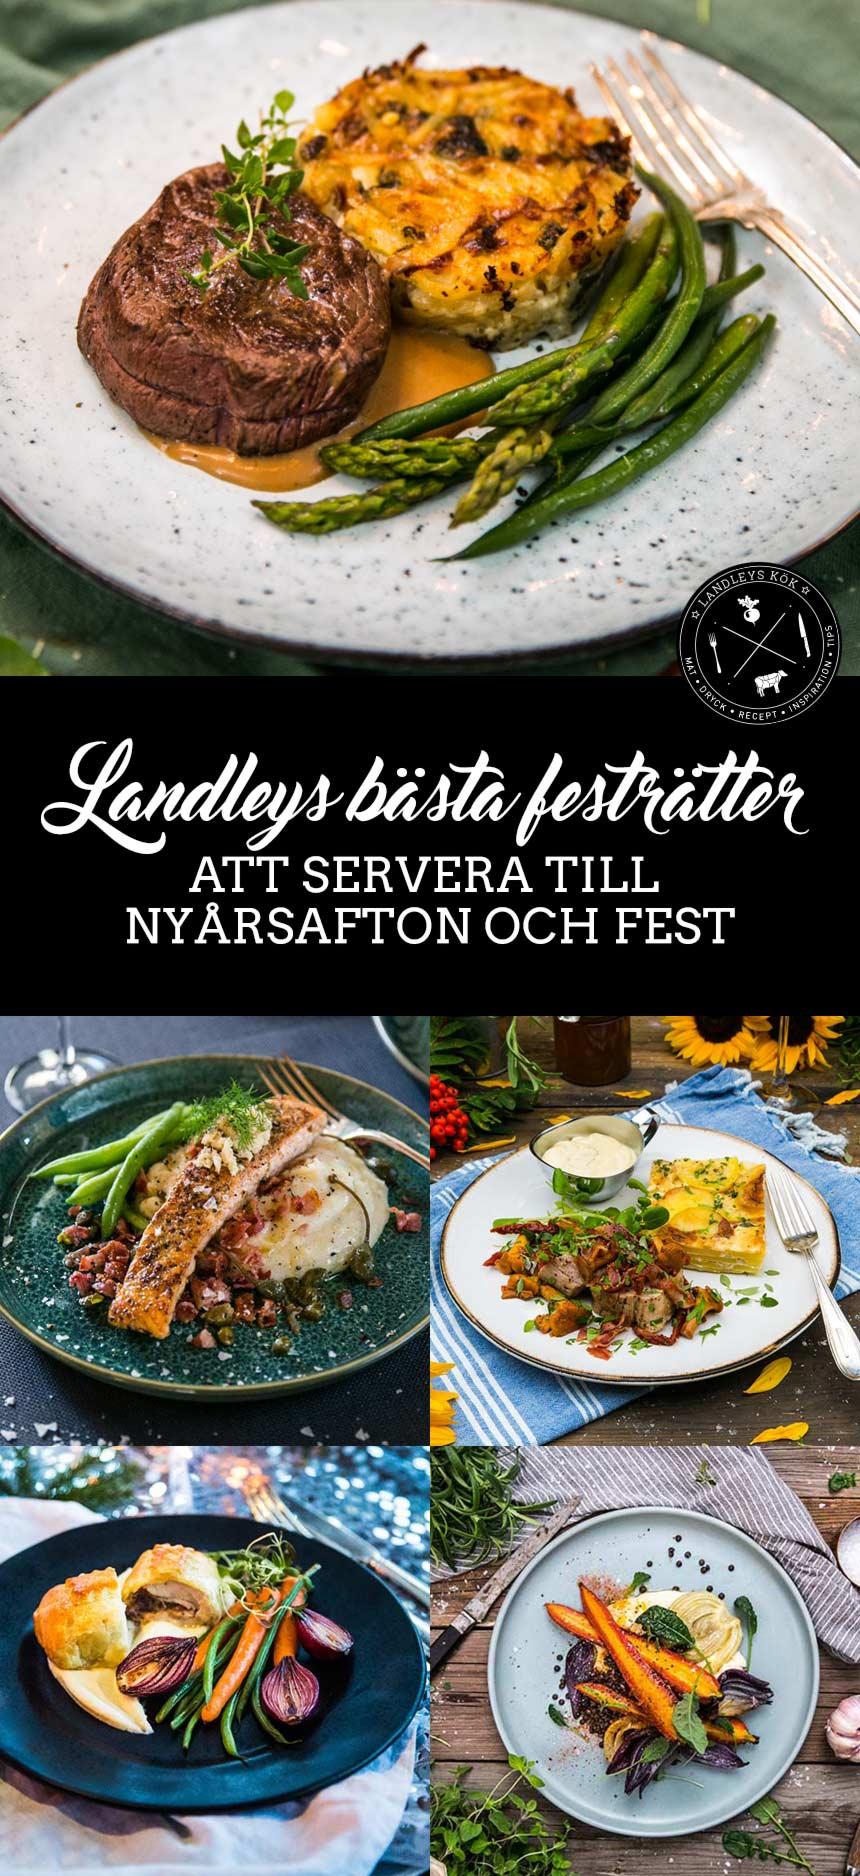 Landleys bästa festrätter att servera till nyårsafton och fest